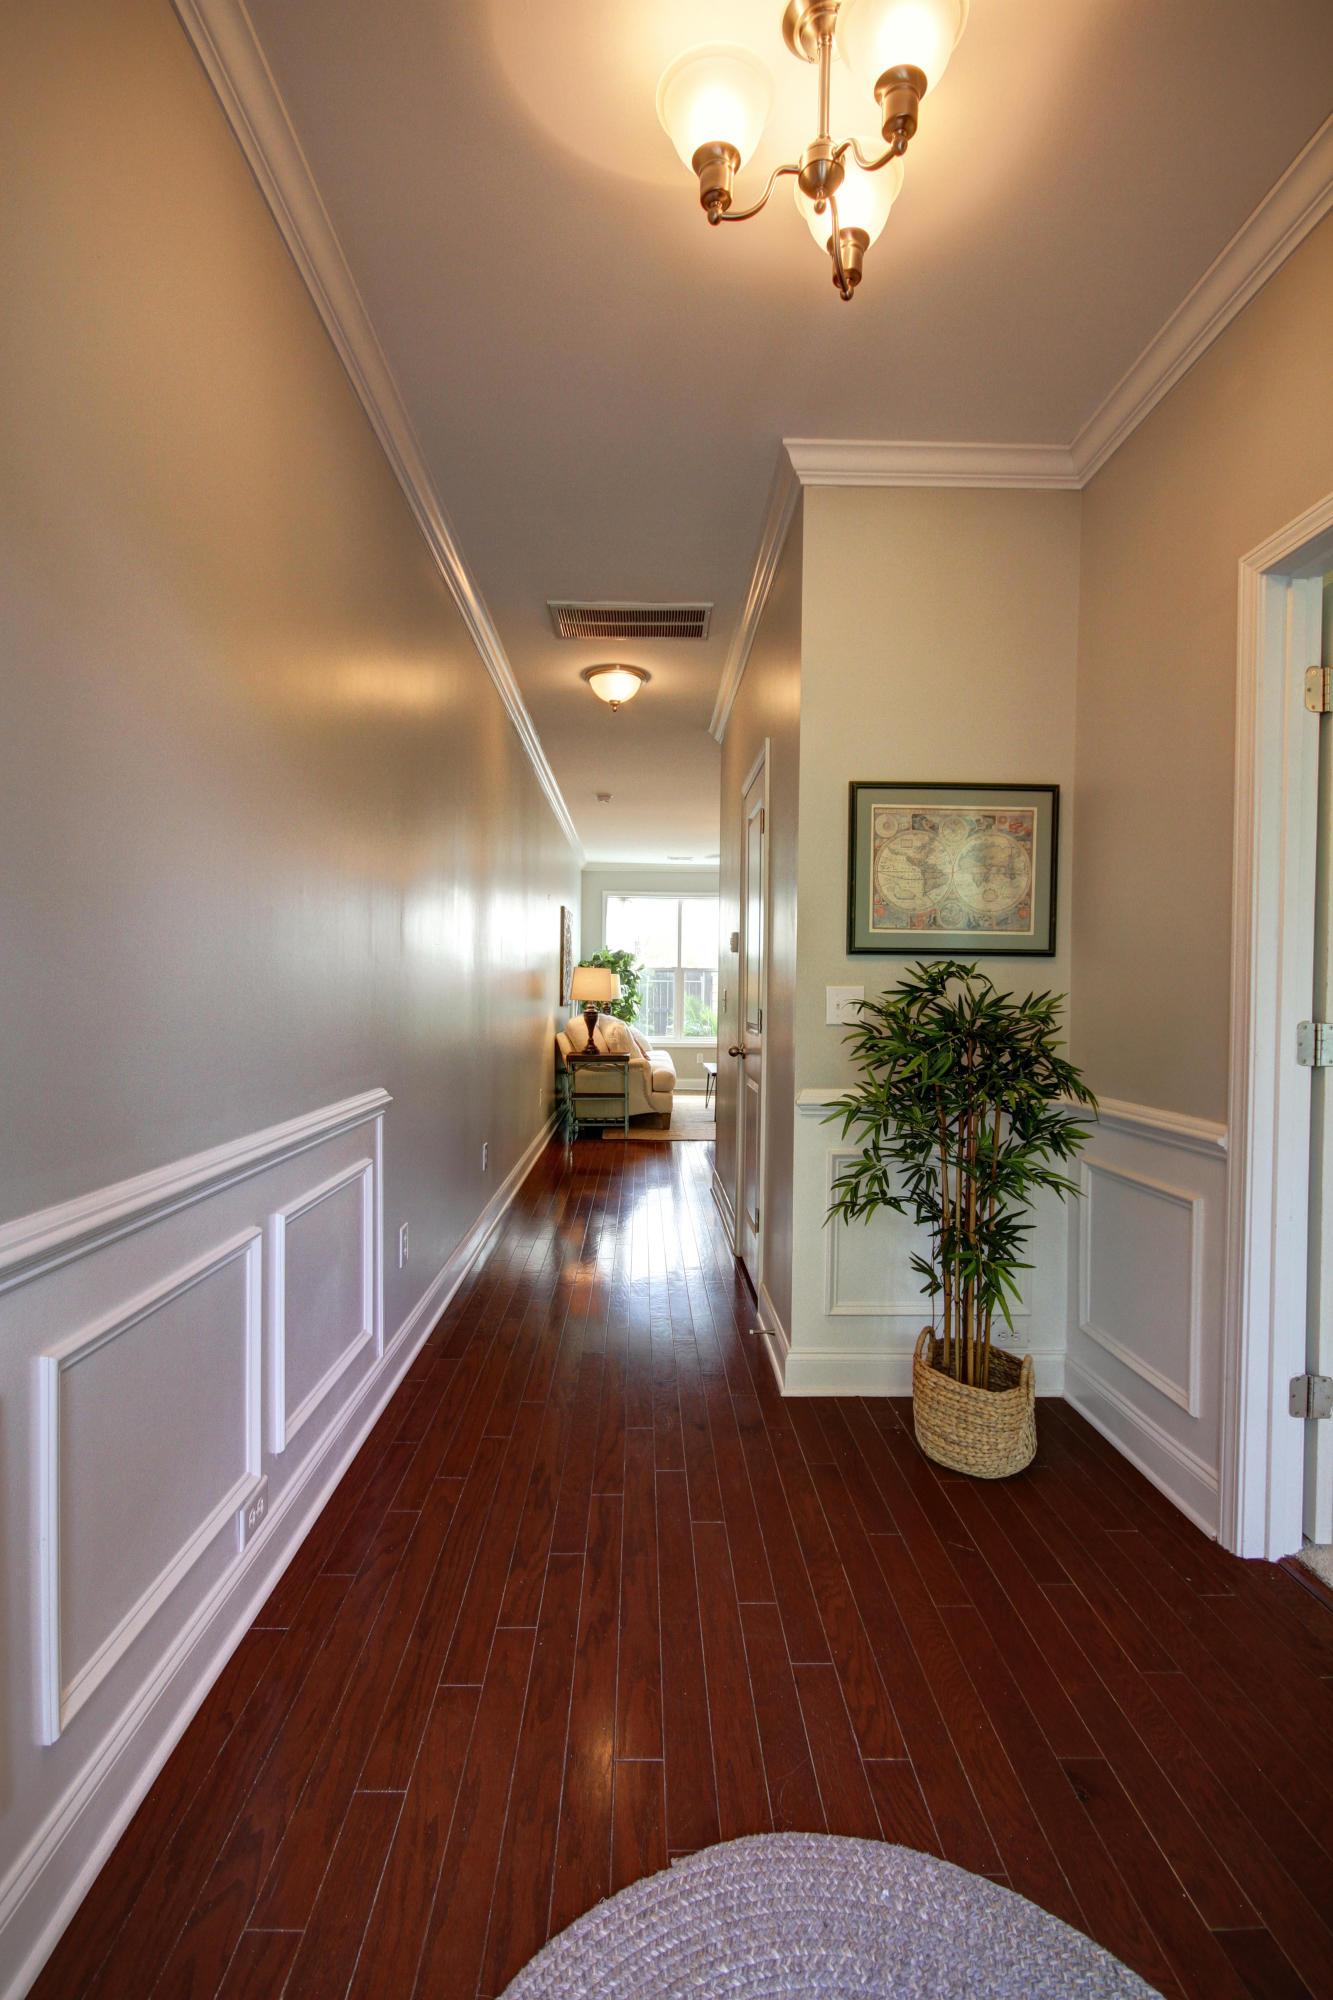 Park West Homes For Sale - 2056 Promenade, Mount Pleasant, SC - 12